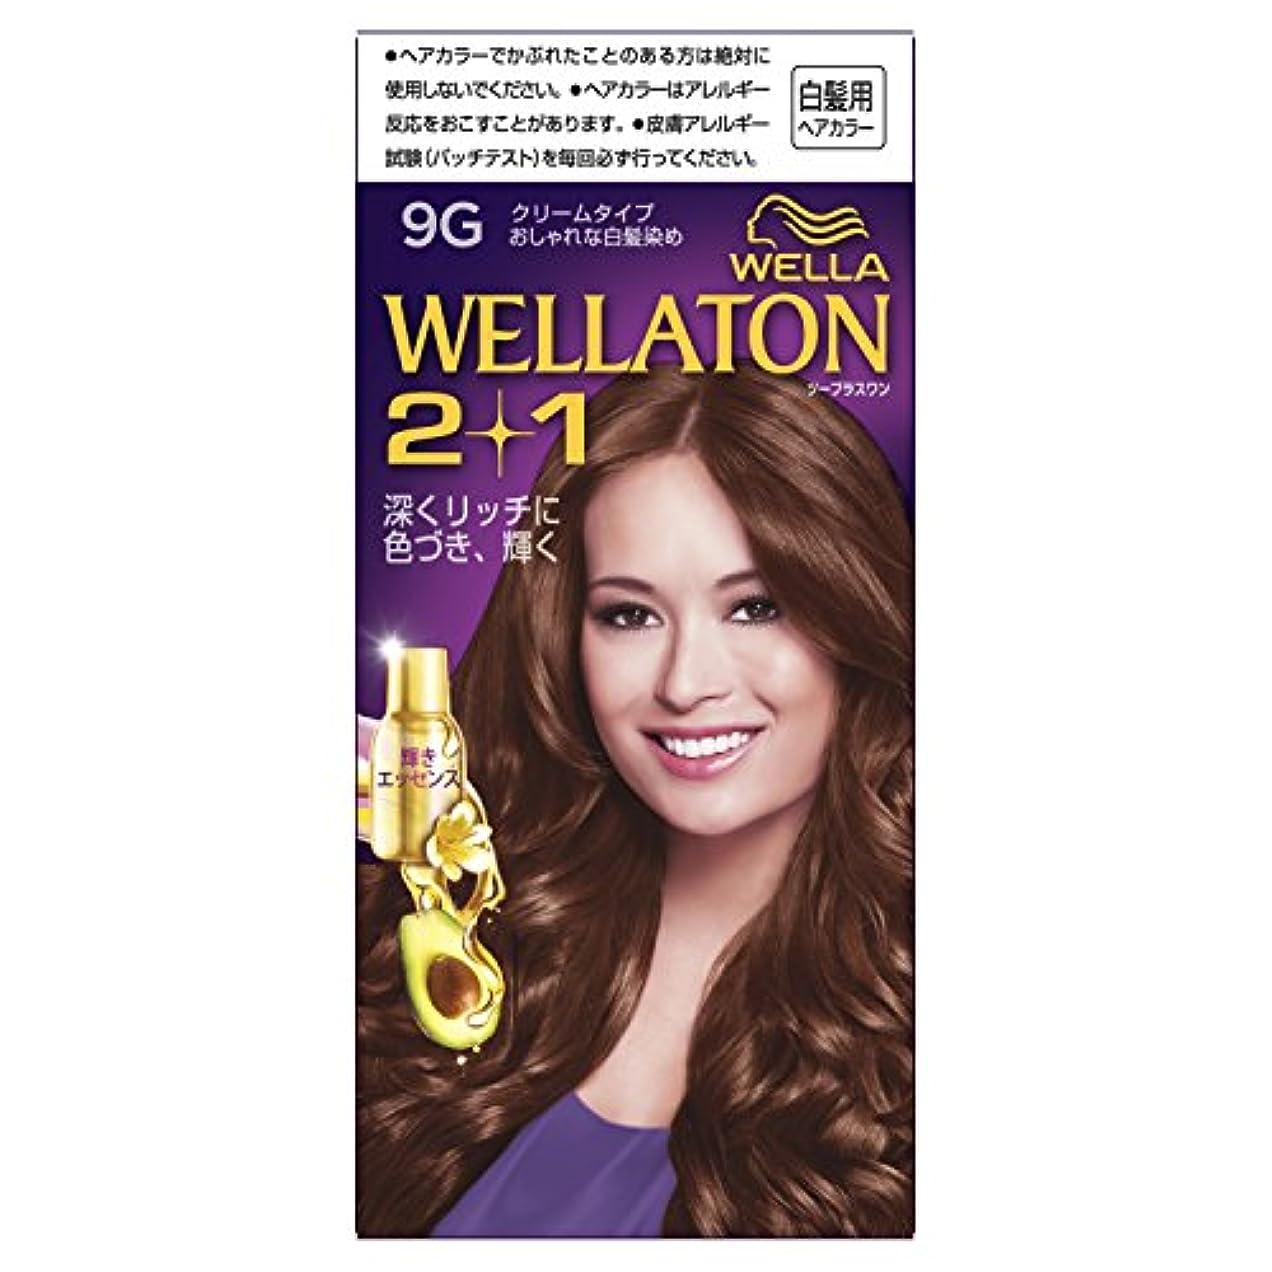 タイマーホラーアクセスできないウエラトーン2+1 クリームタイプ 9G [医薬部外品](おしゃれな白髪染め)